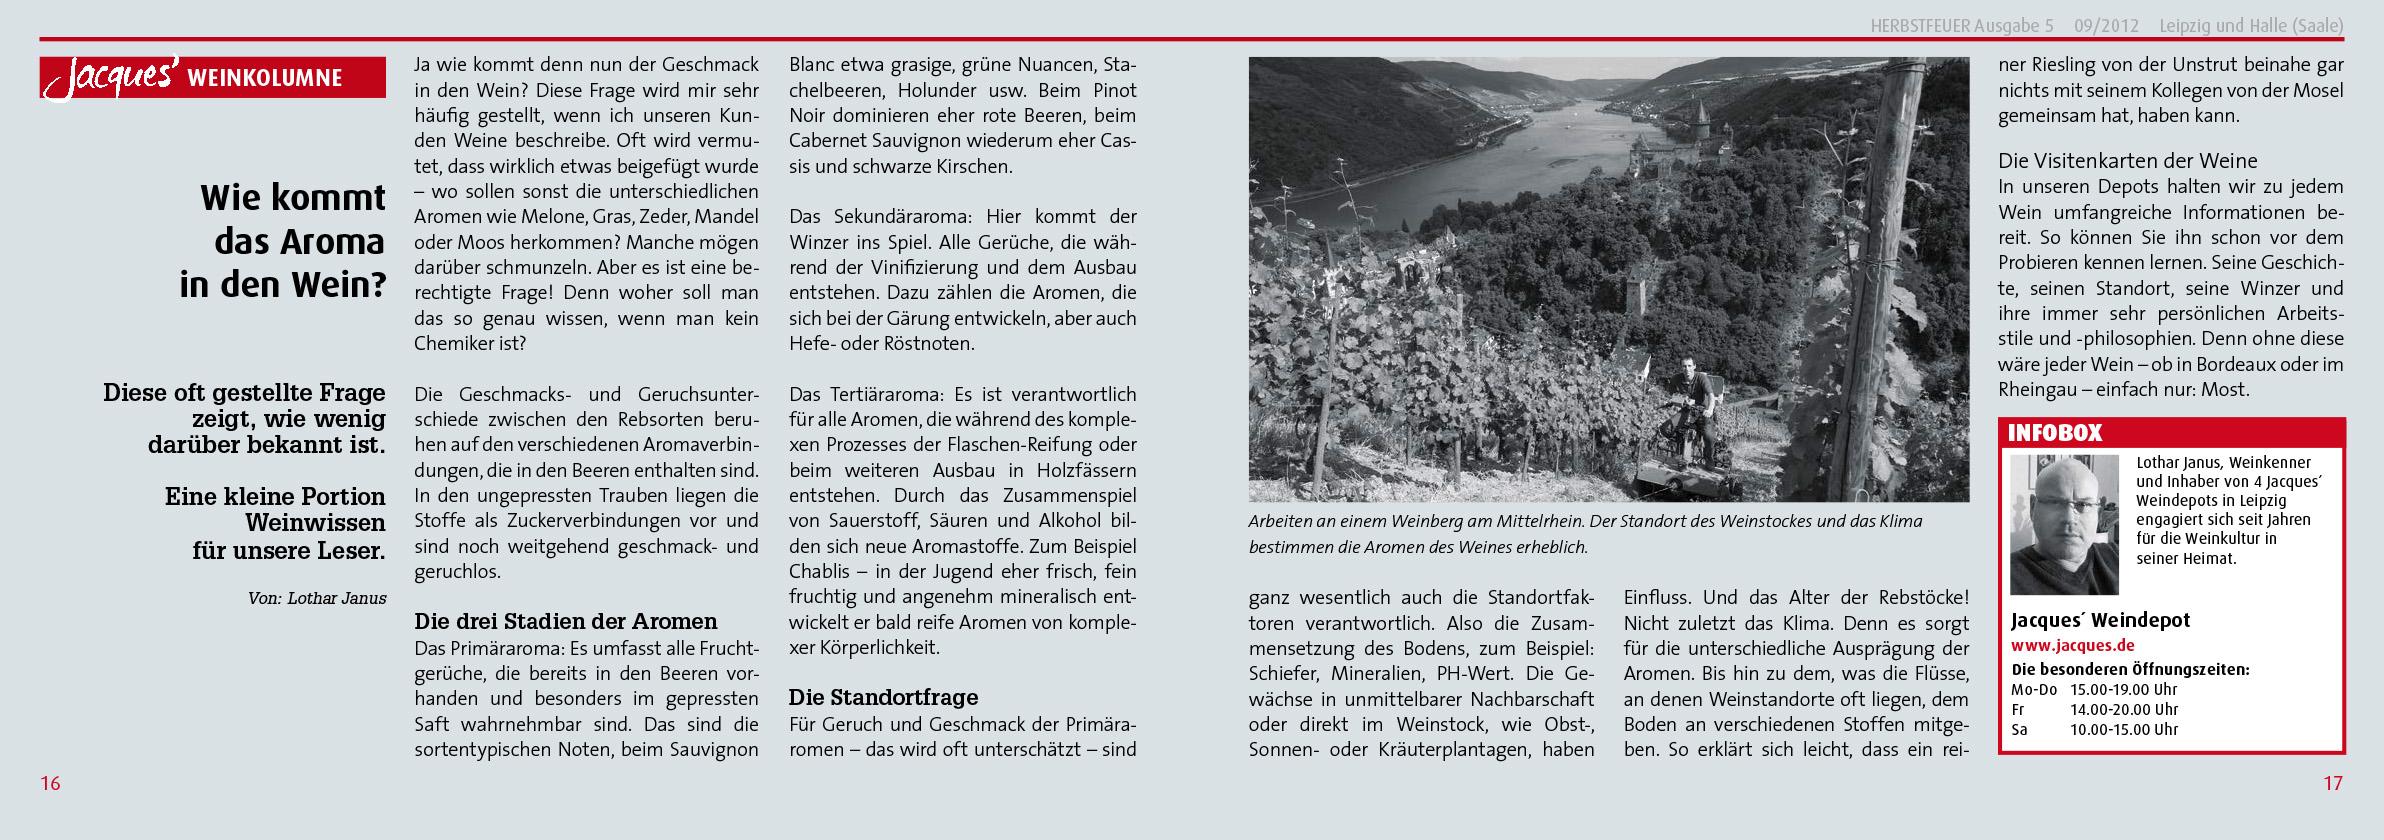 PR Kampagne für Jacques' Wein-Depot; HERBSTFEUER® Nr. 5, 2012